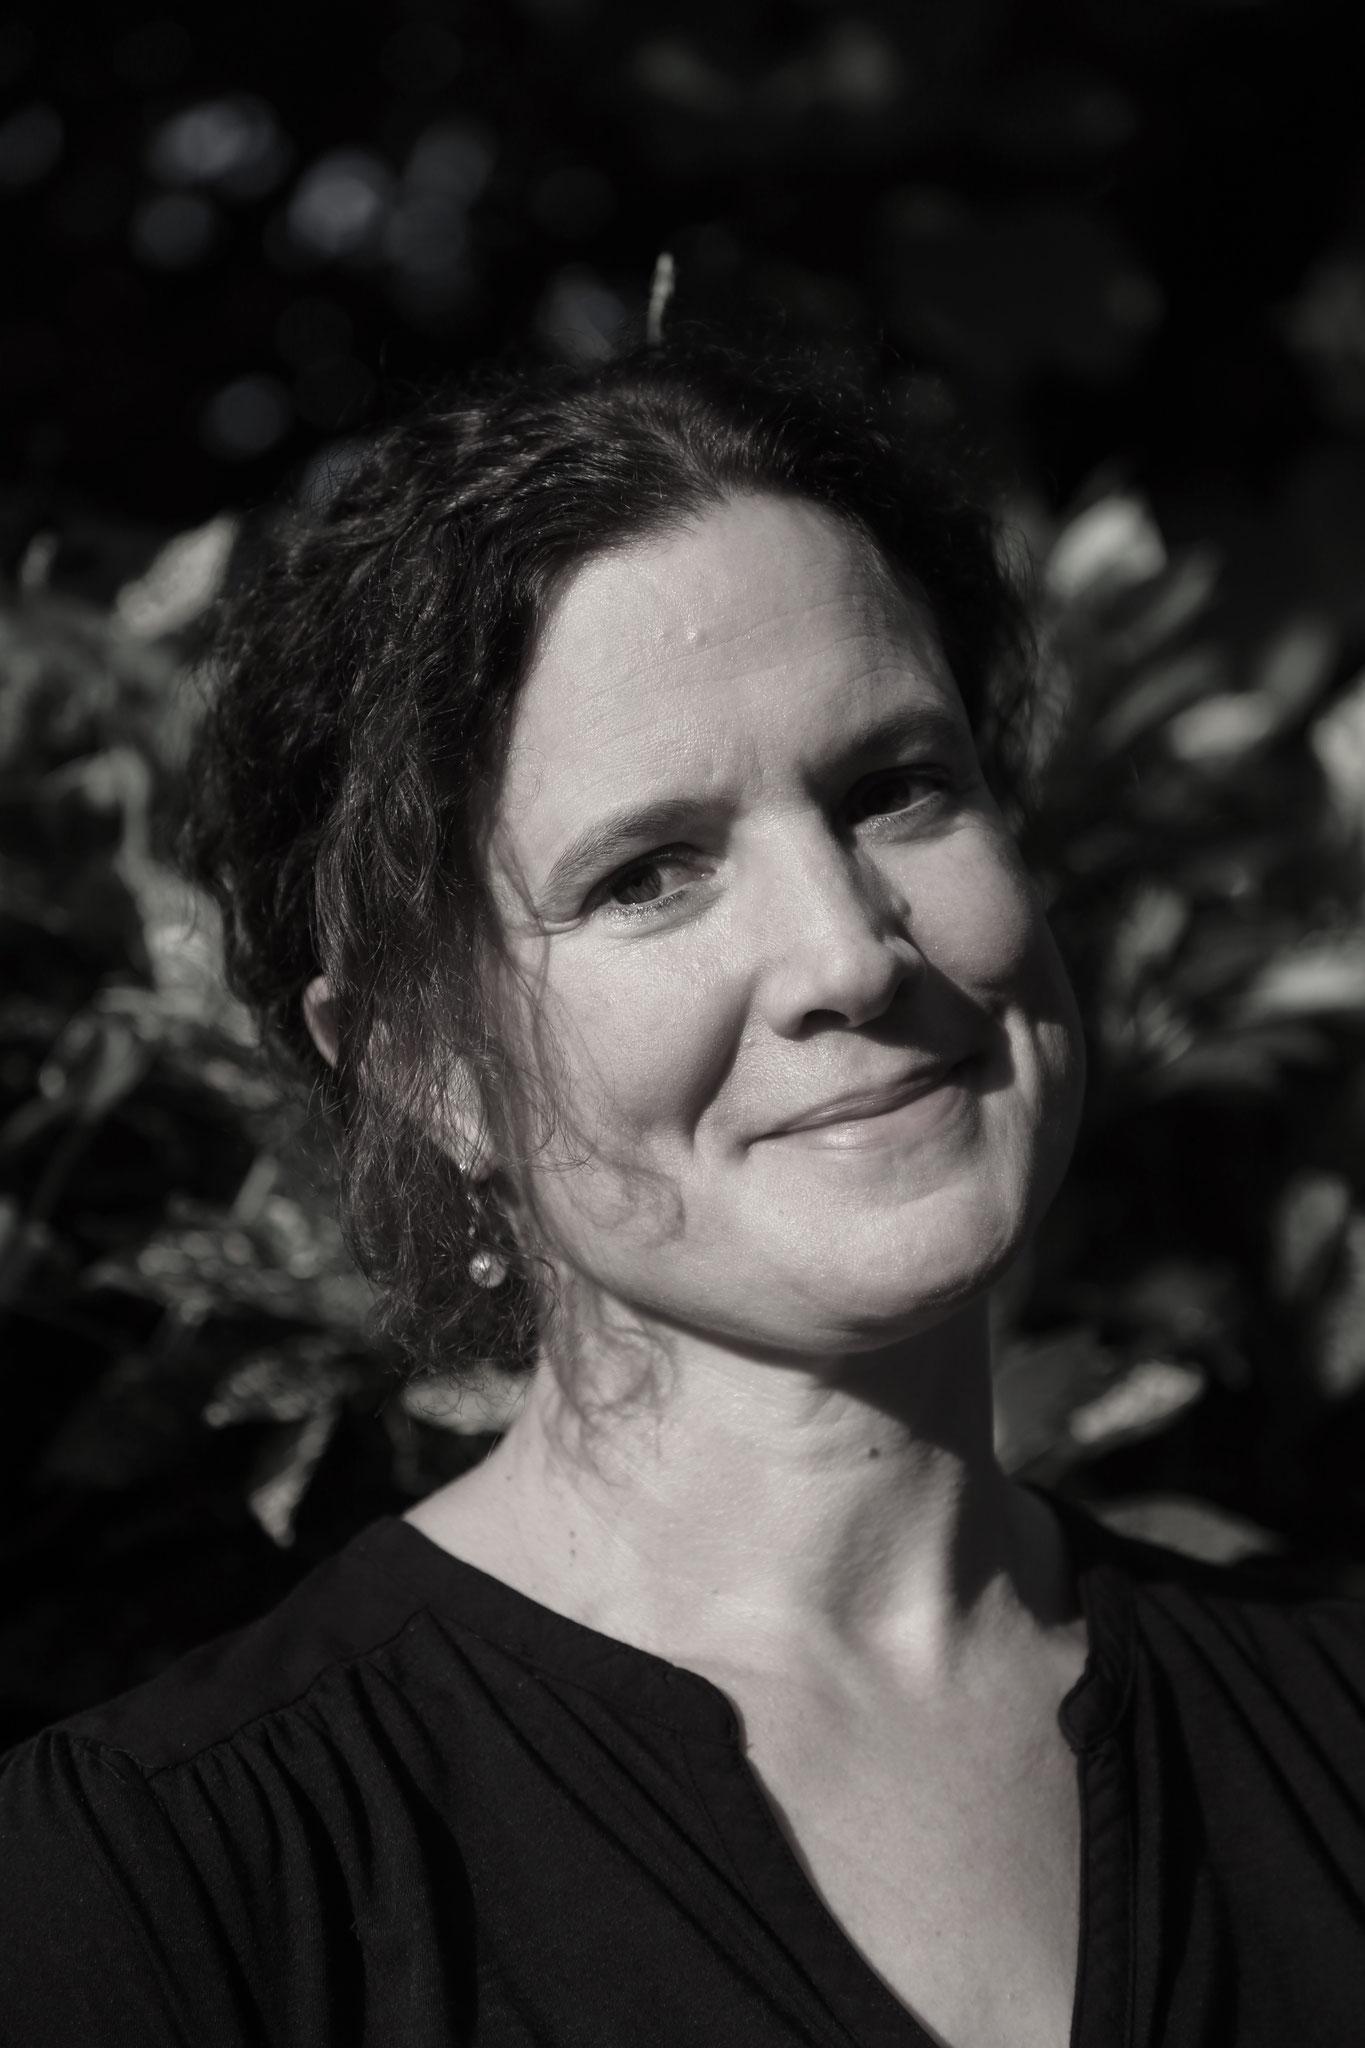 In Berlin Prenzlauer Berg aufgewachsen, hat Dorothea Zeppezauer zunächst Klavier studiert. 2008 zog sie mit ihrer Familie nach China. Seit Sommer 2016 lebt sie als freie Autorin in Honk Kong.